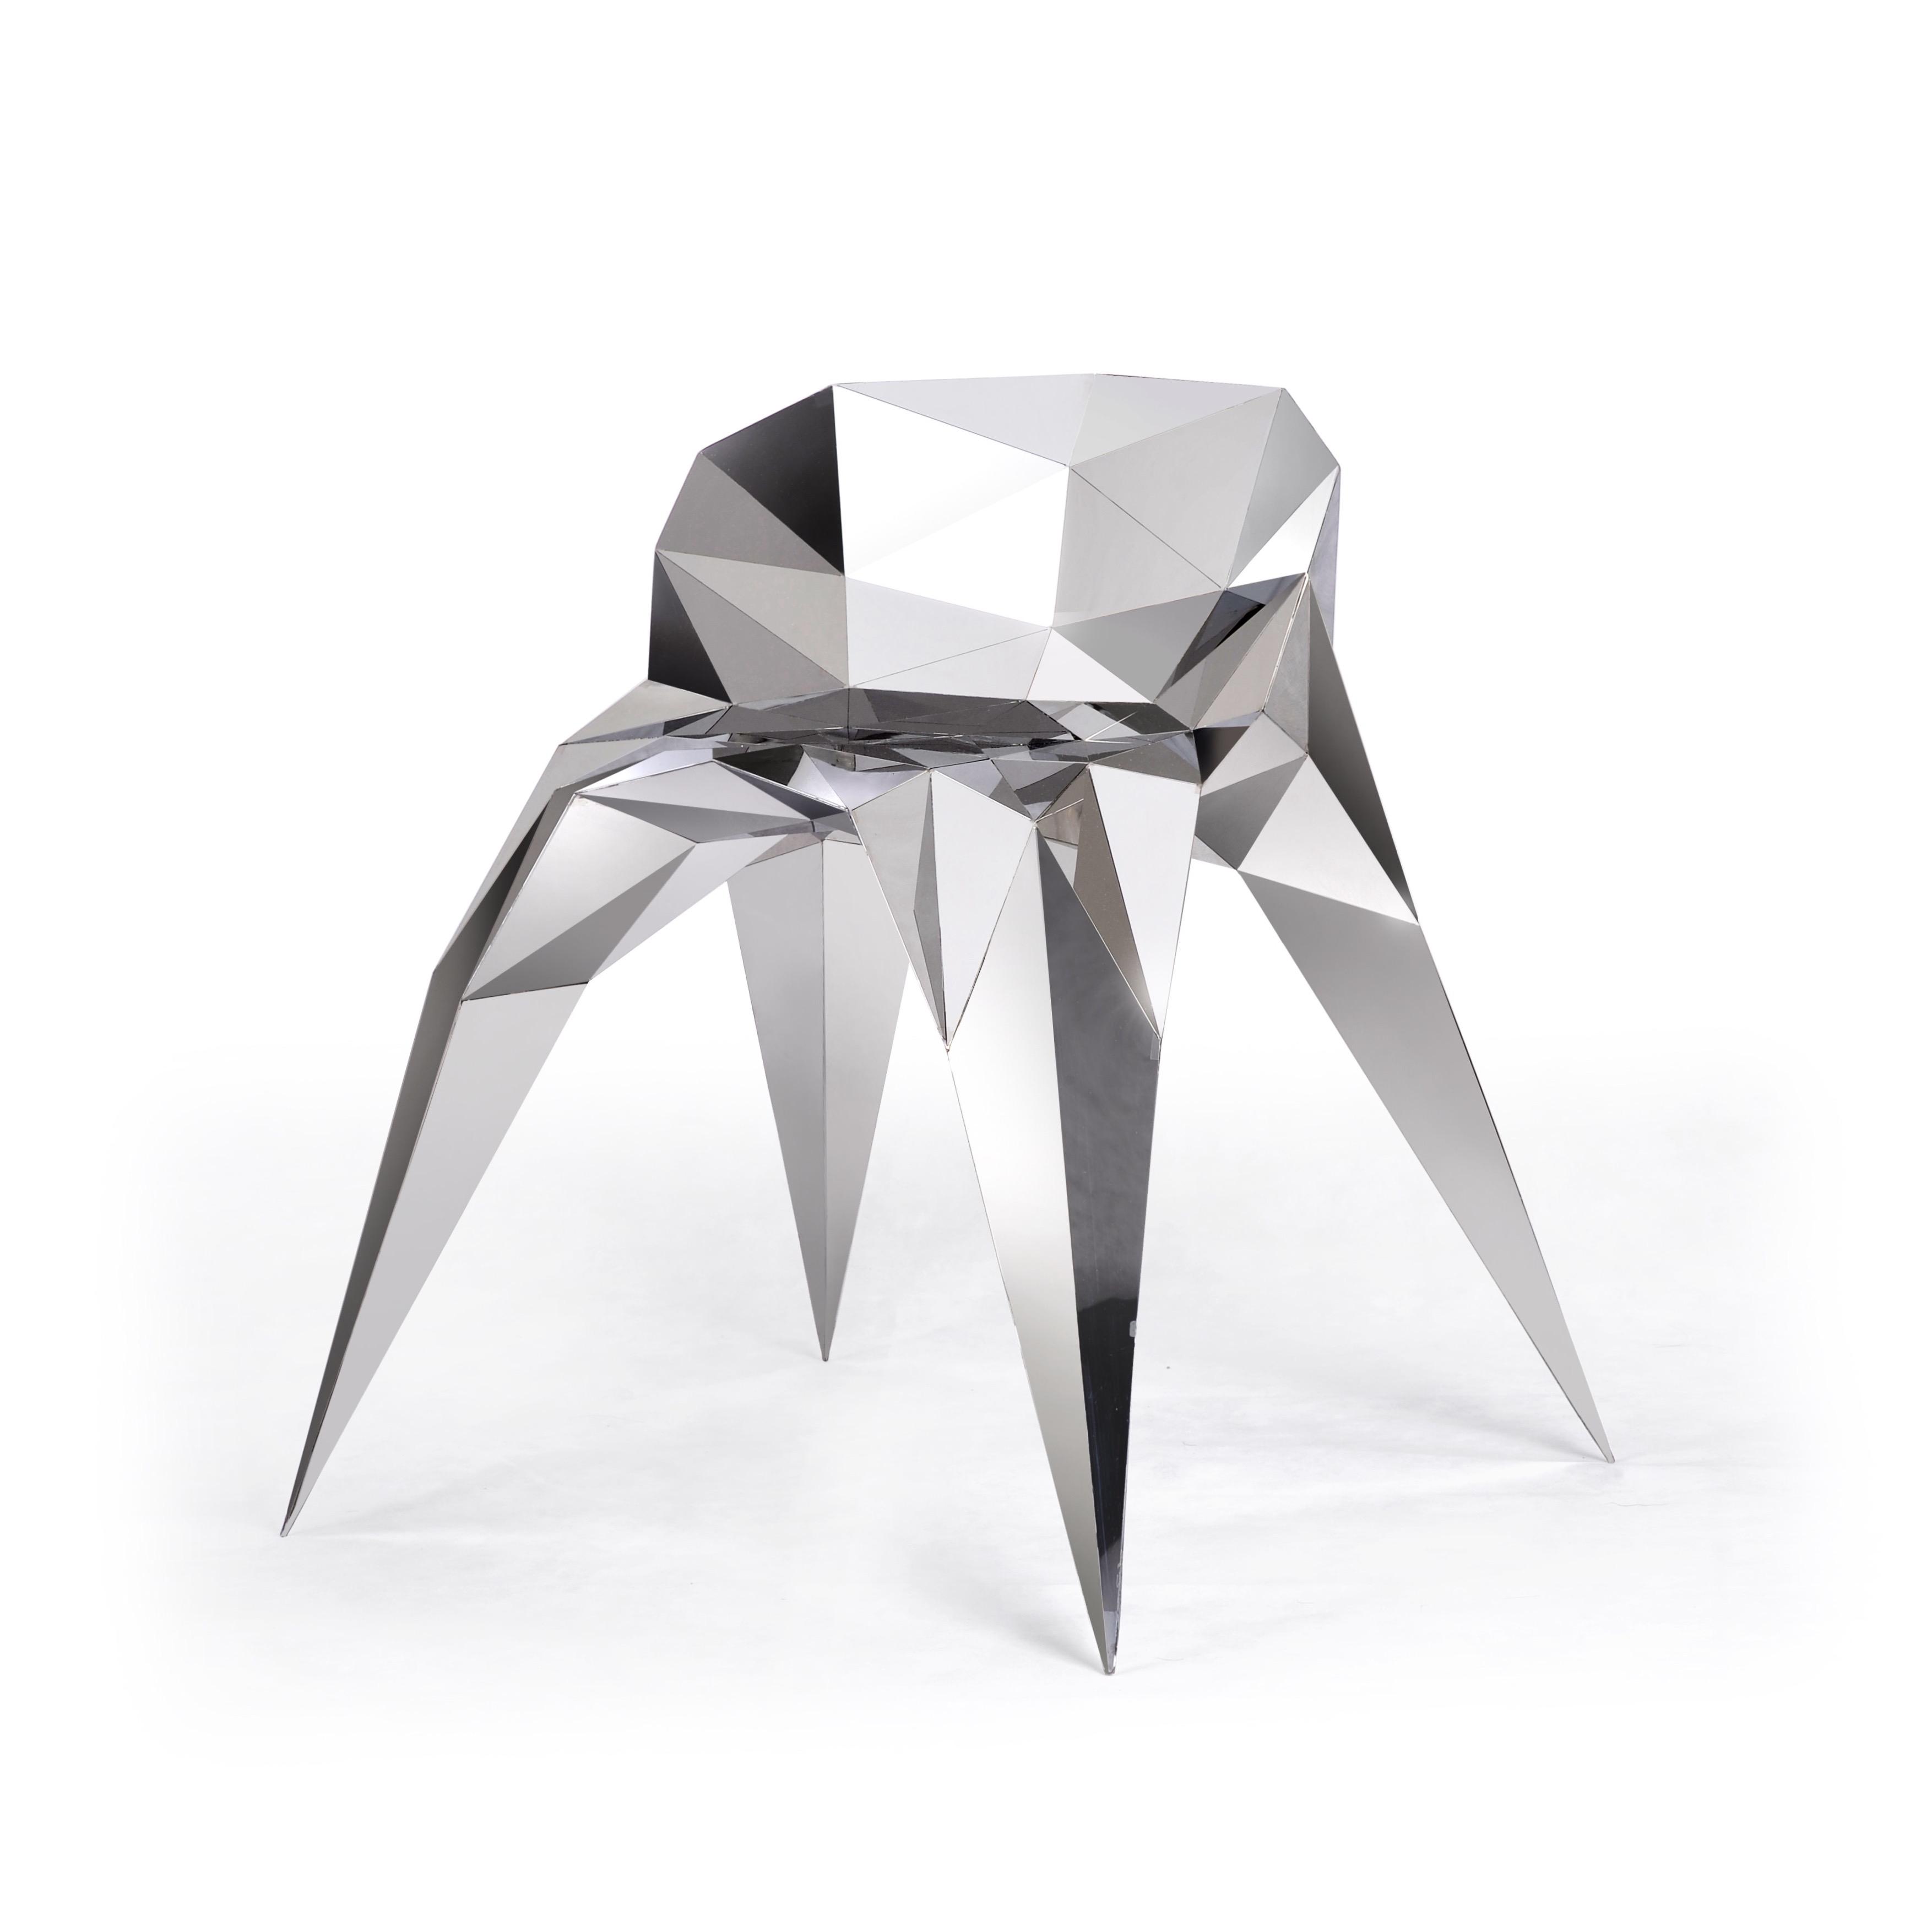 张周捷 OBJECT超镜面不锈钢椅子 2011年